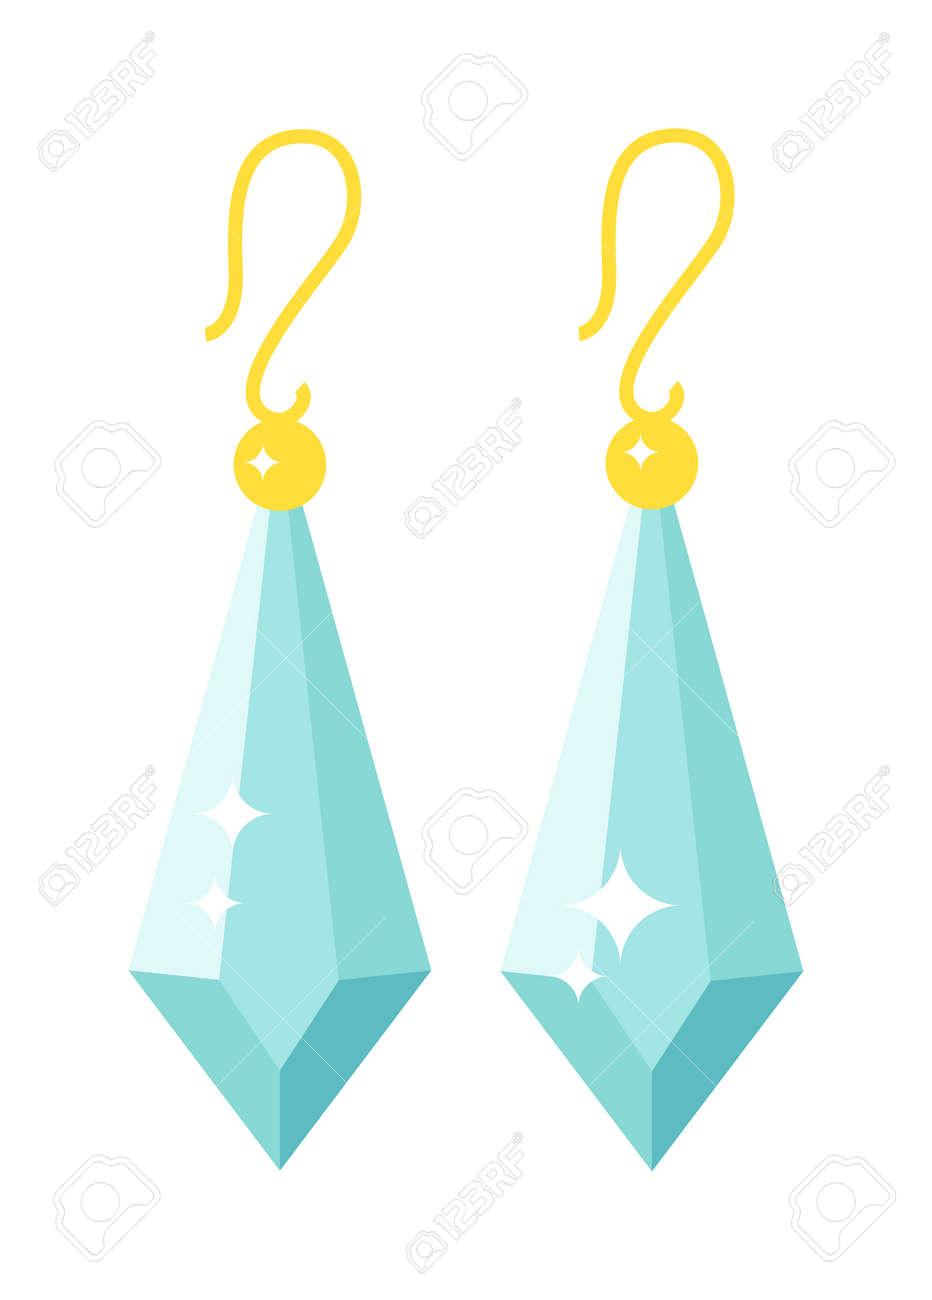 laatst mooie schoenen verkoop usa online Emerald oorbellen mooie gouden accessoire geïsoleerd. Smaragd elegante  oorbellen op de achtergrond. Luxe emerald oorbellen decoratie. Glamour  vector